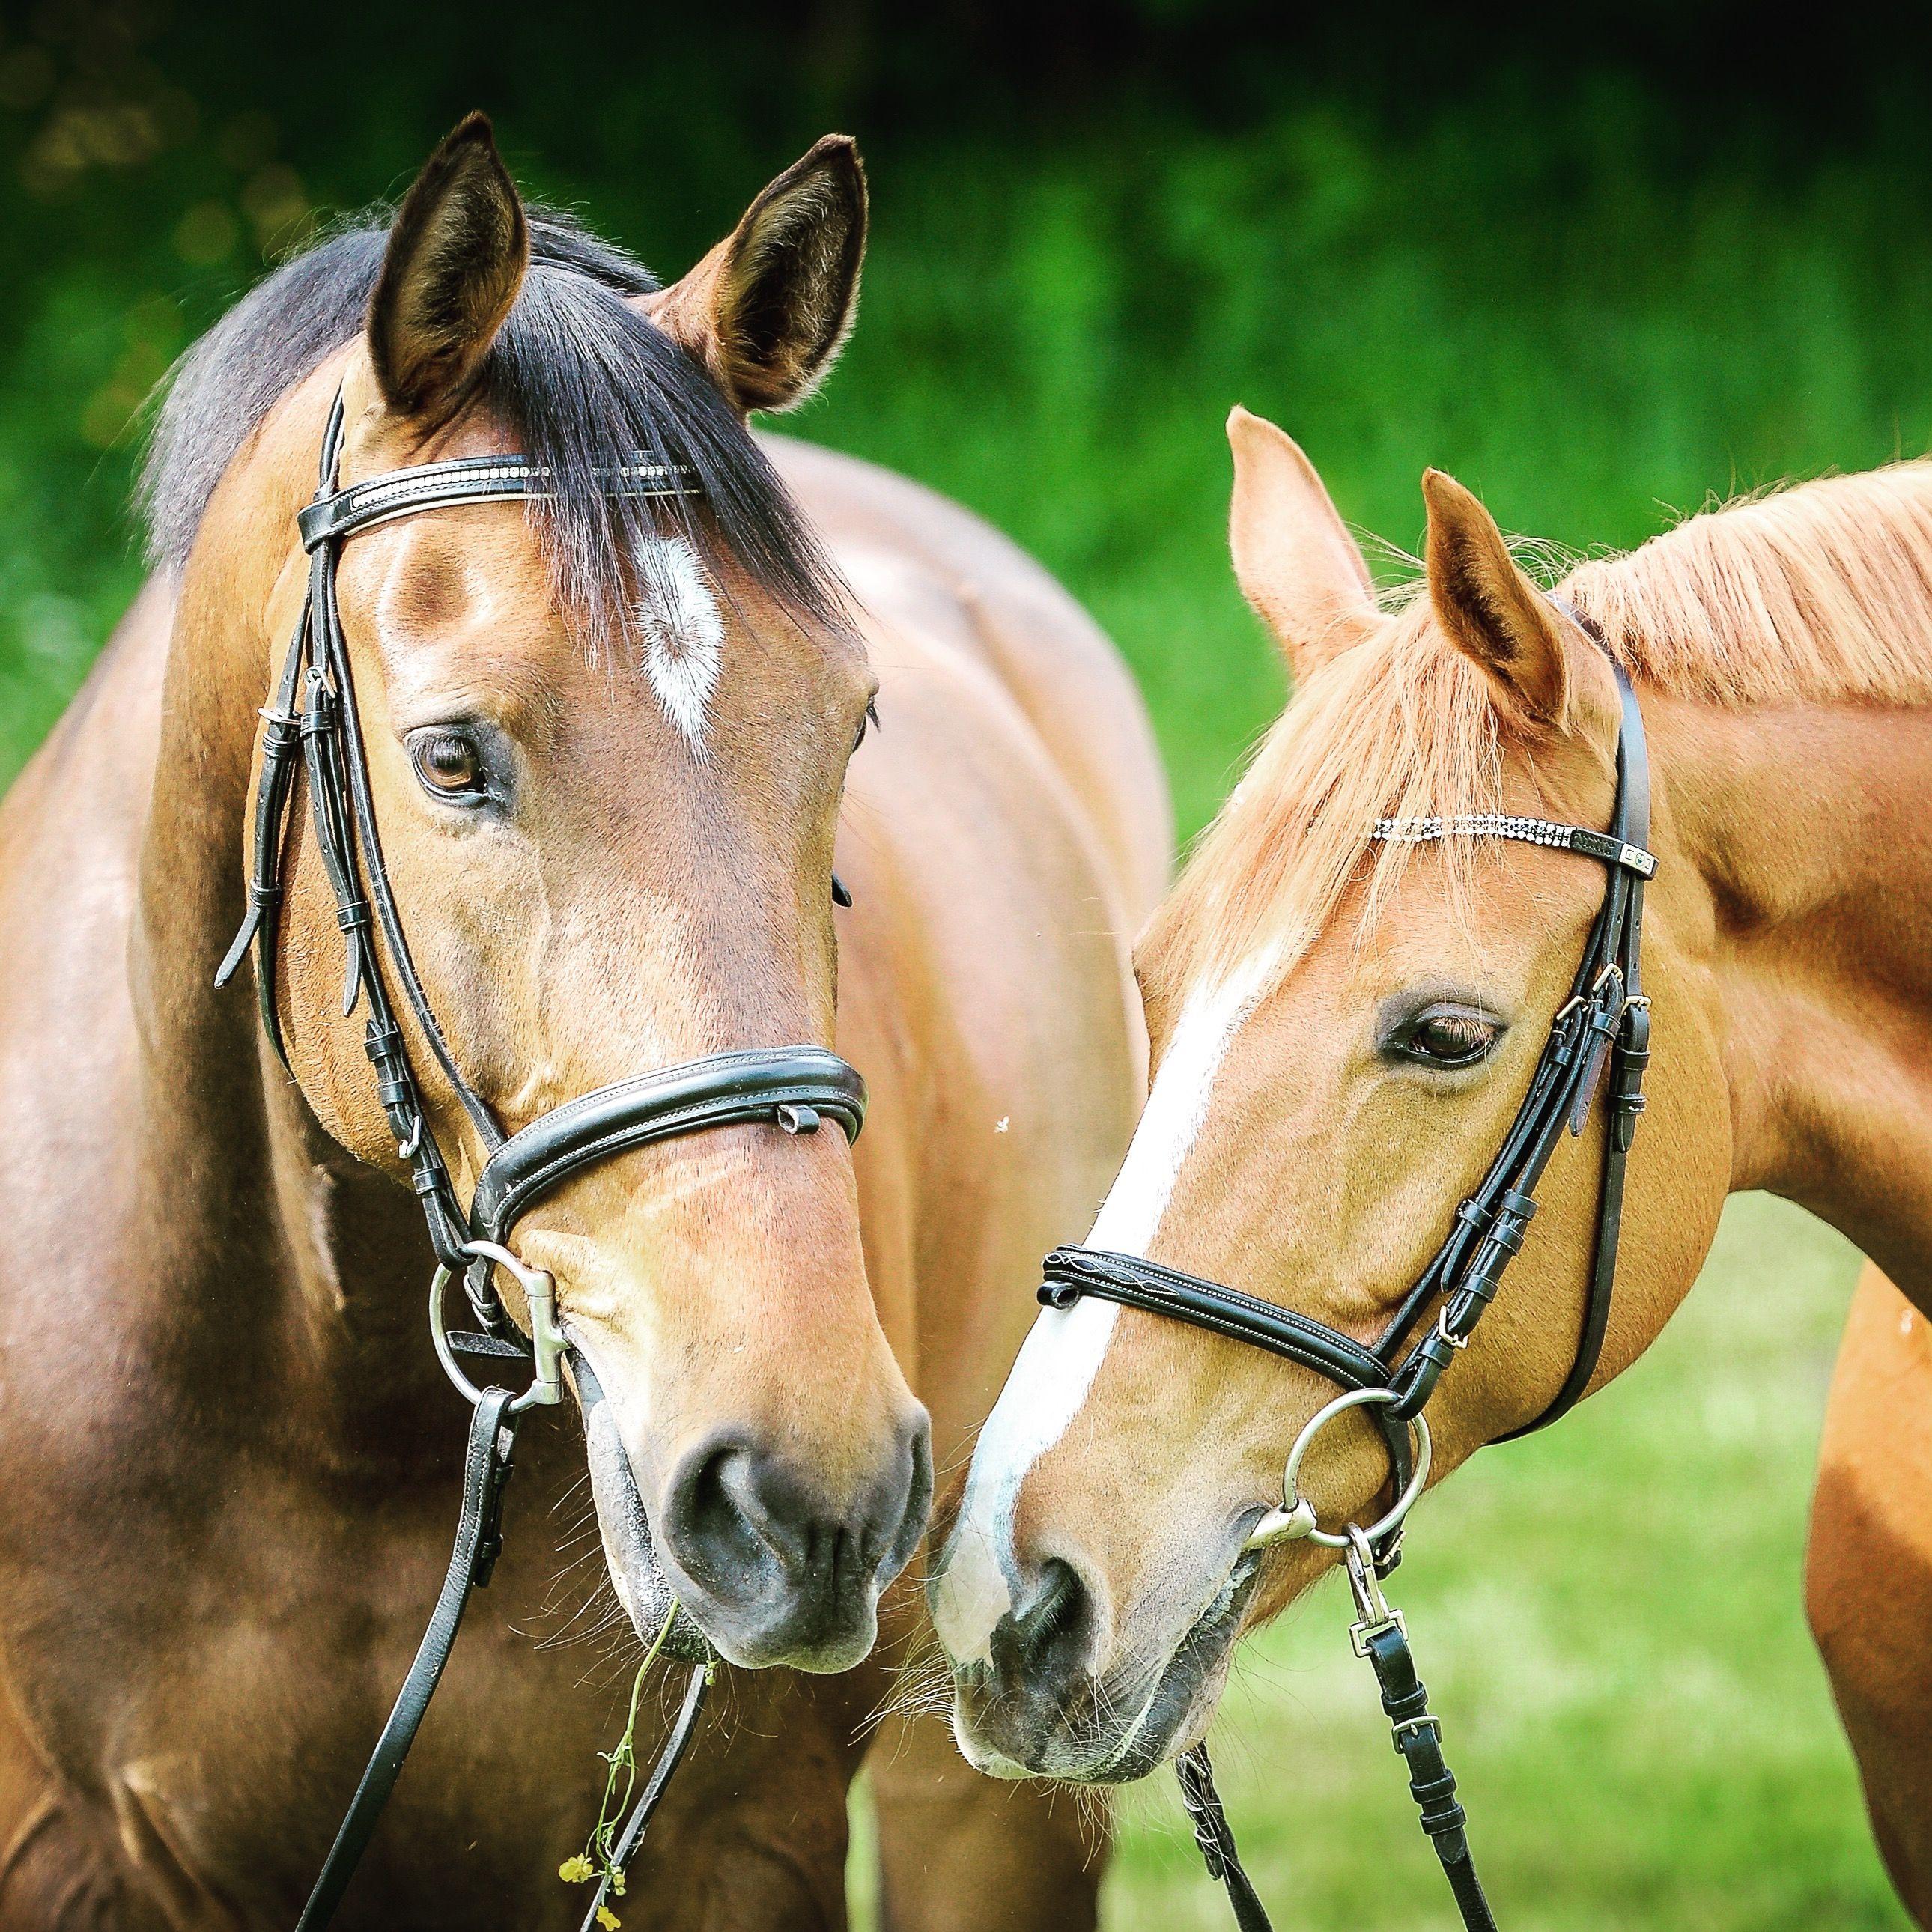 Zwei Pferde mit hohen Gräsern im Hintergrund